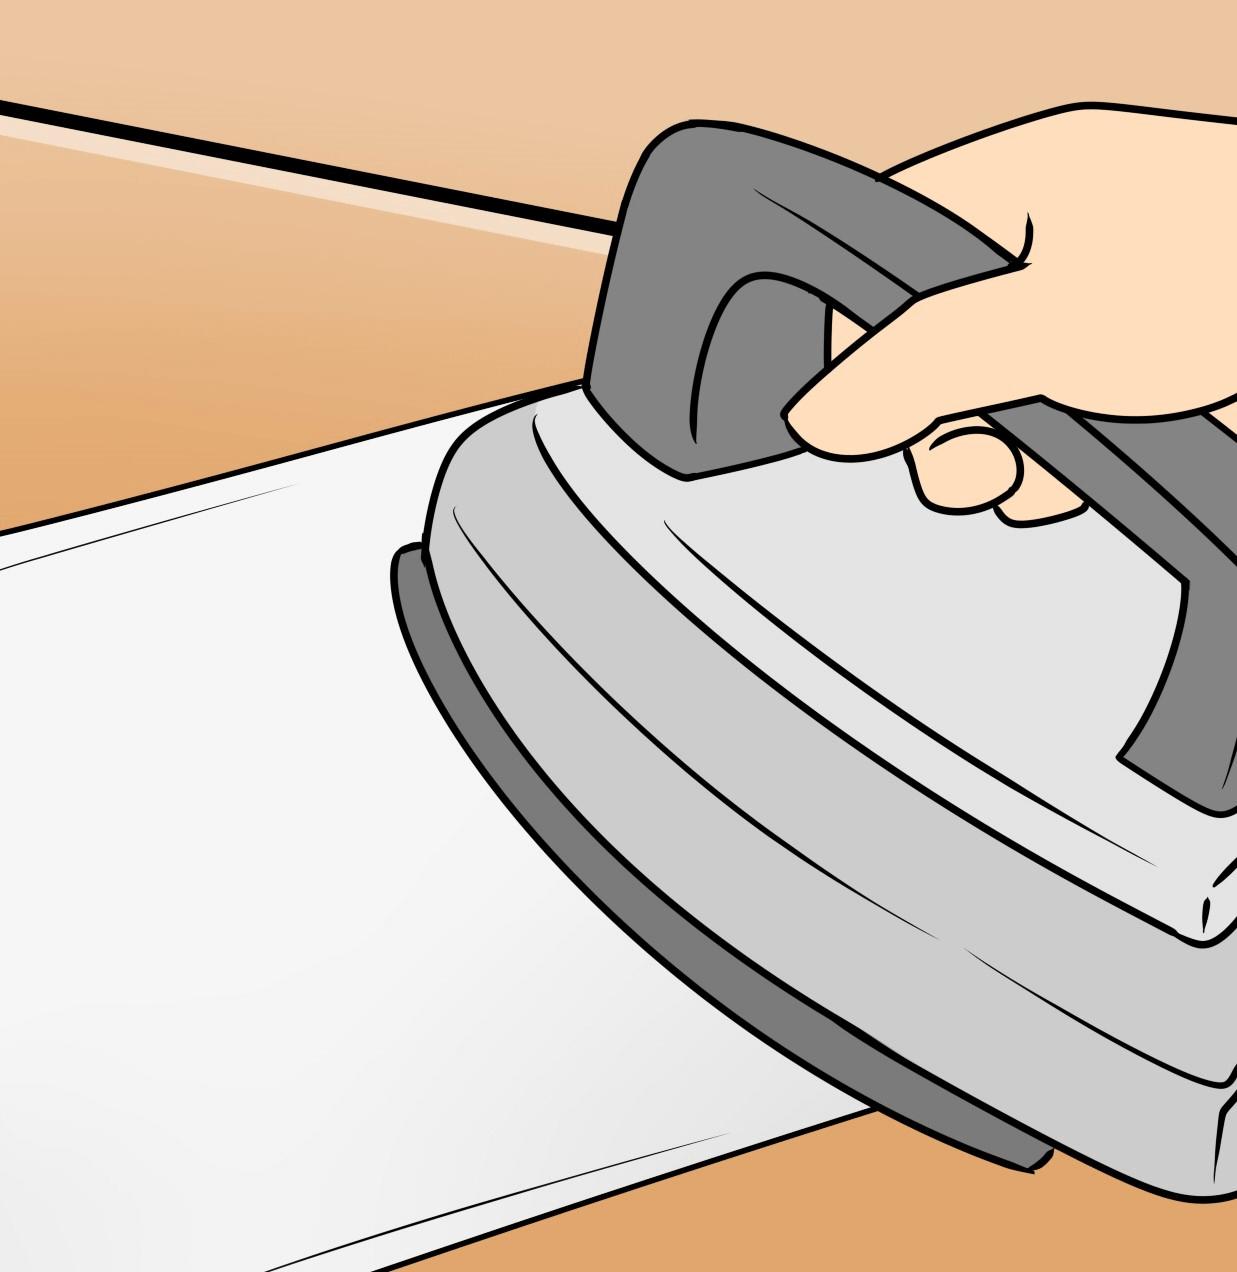 ③5分程度経過したら水で絞った薄い布を凹みに被せ、アイロンを充てる。